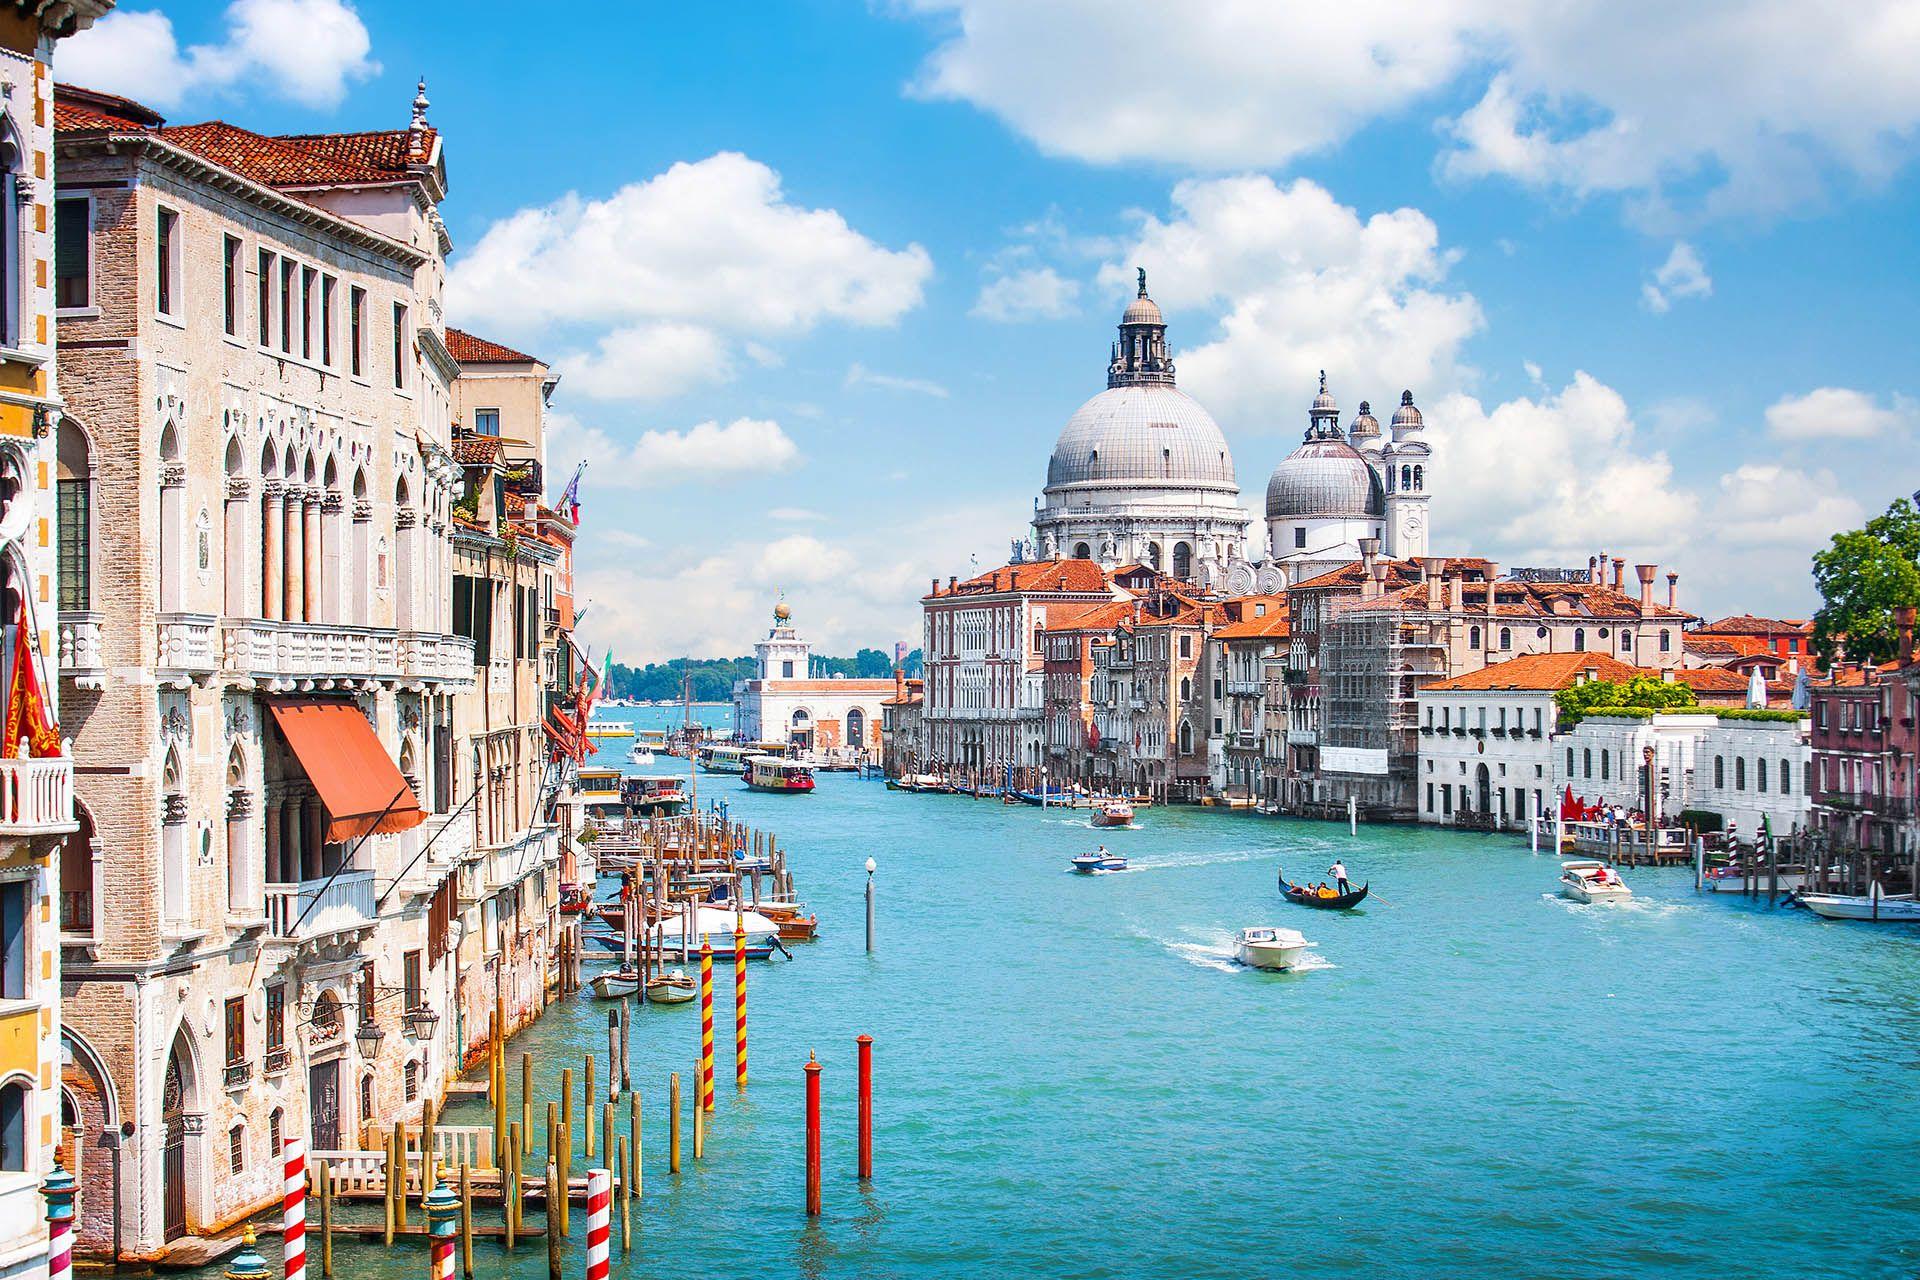 Biennale di Architettura 2020 a Venezia